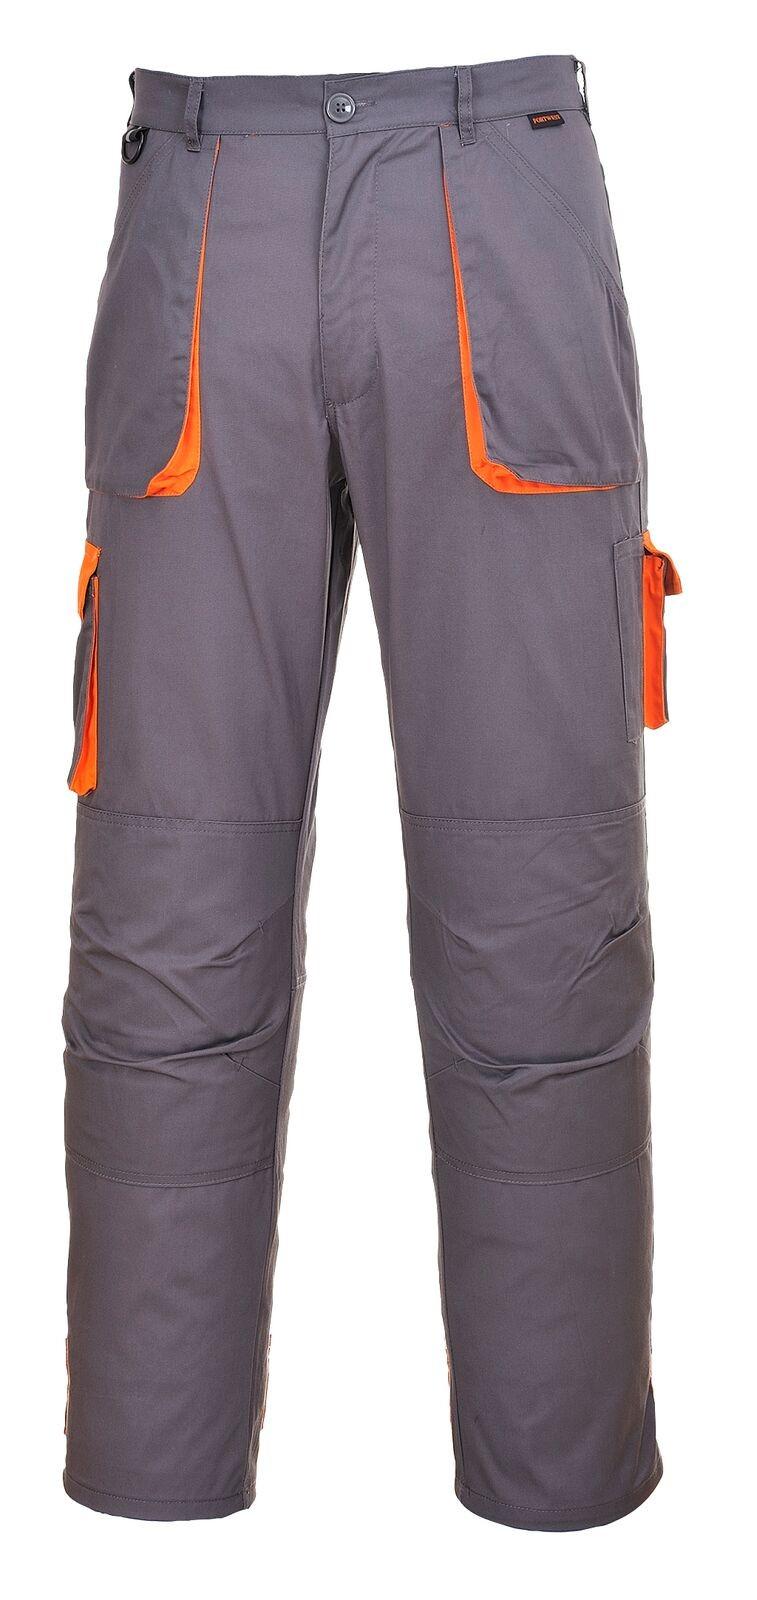 Παντελόνι Εργασίας PortWest TX11 Γκρι/Πορτοκαλί